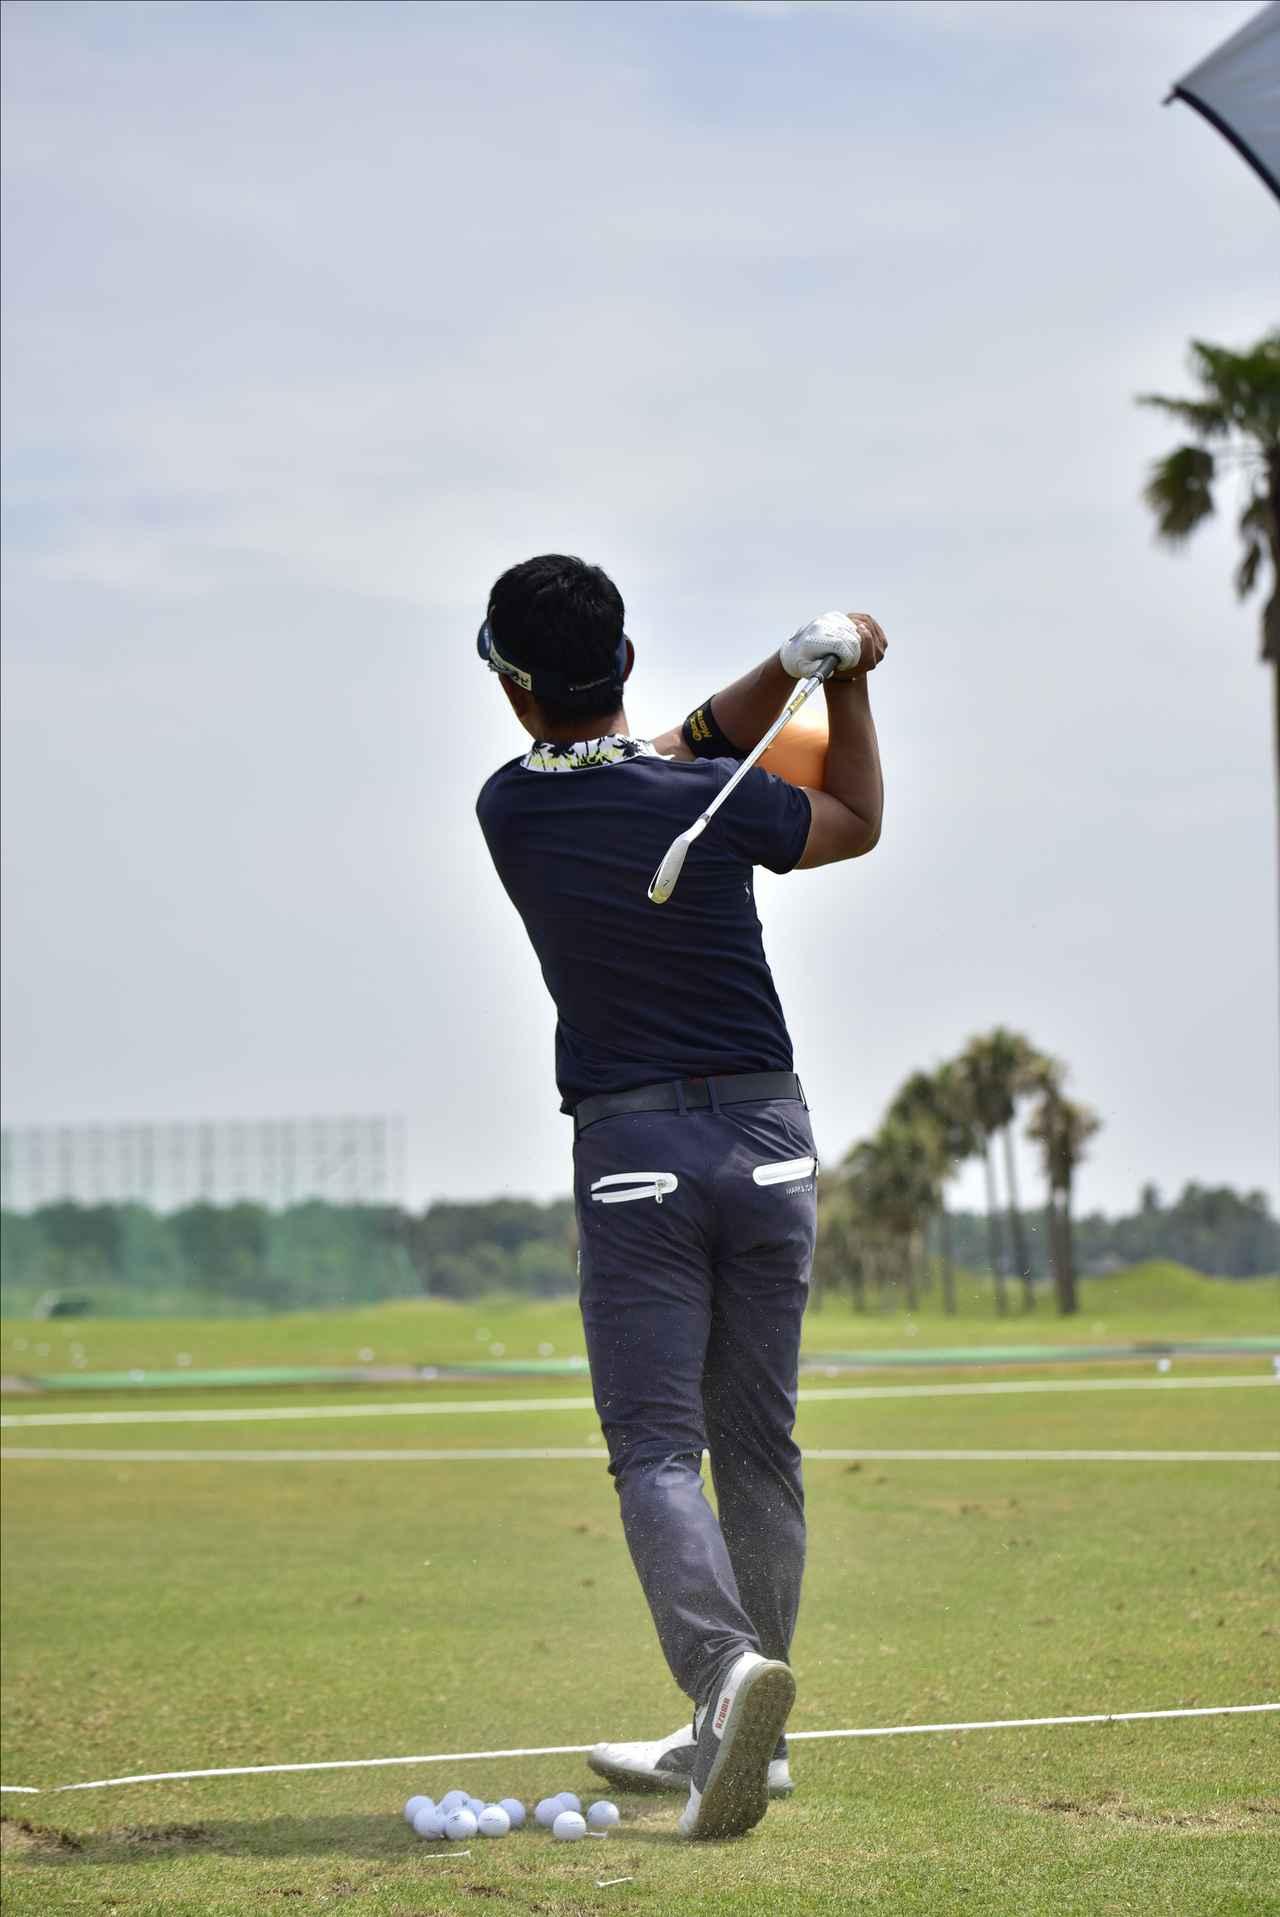 画像4: 【動画】プロゴルファーは 左打ちでも70台!?